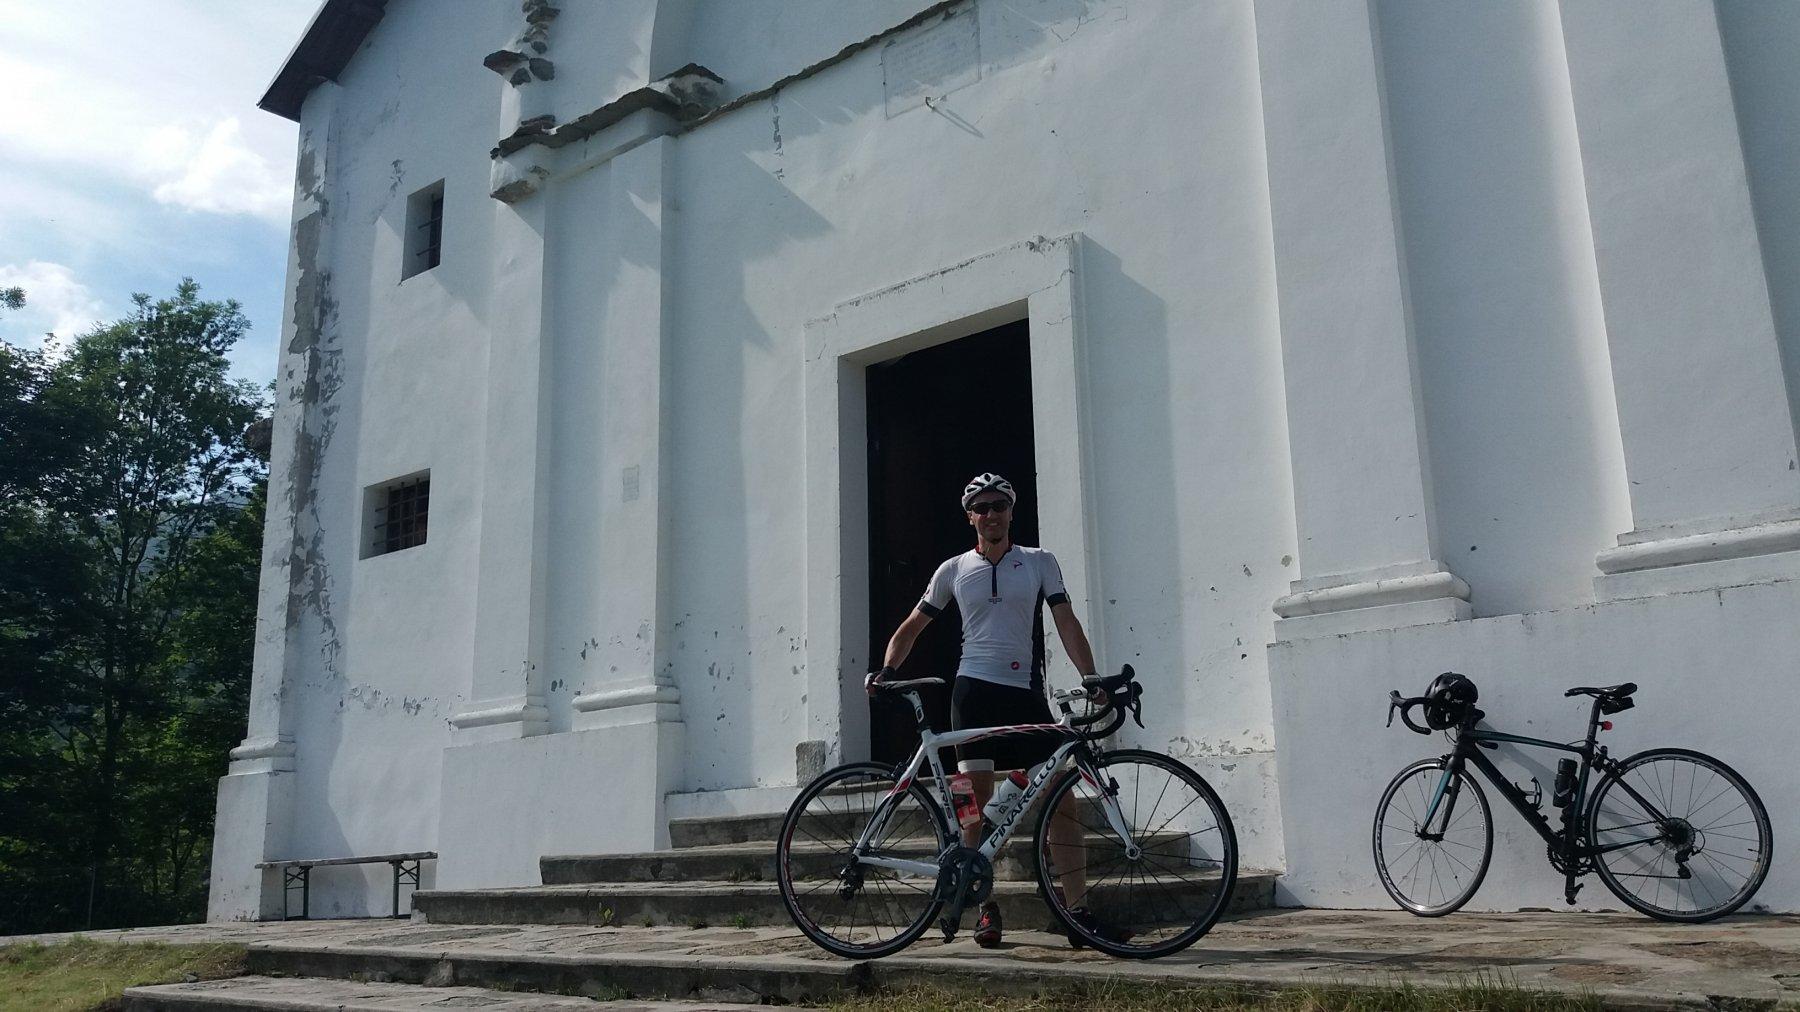 Davanti all'ingresso del santuario di Santa Elisabetta